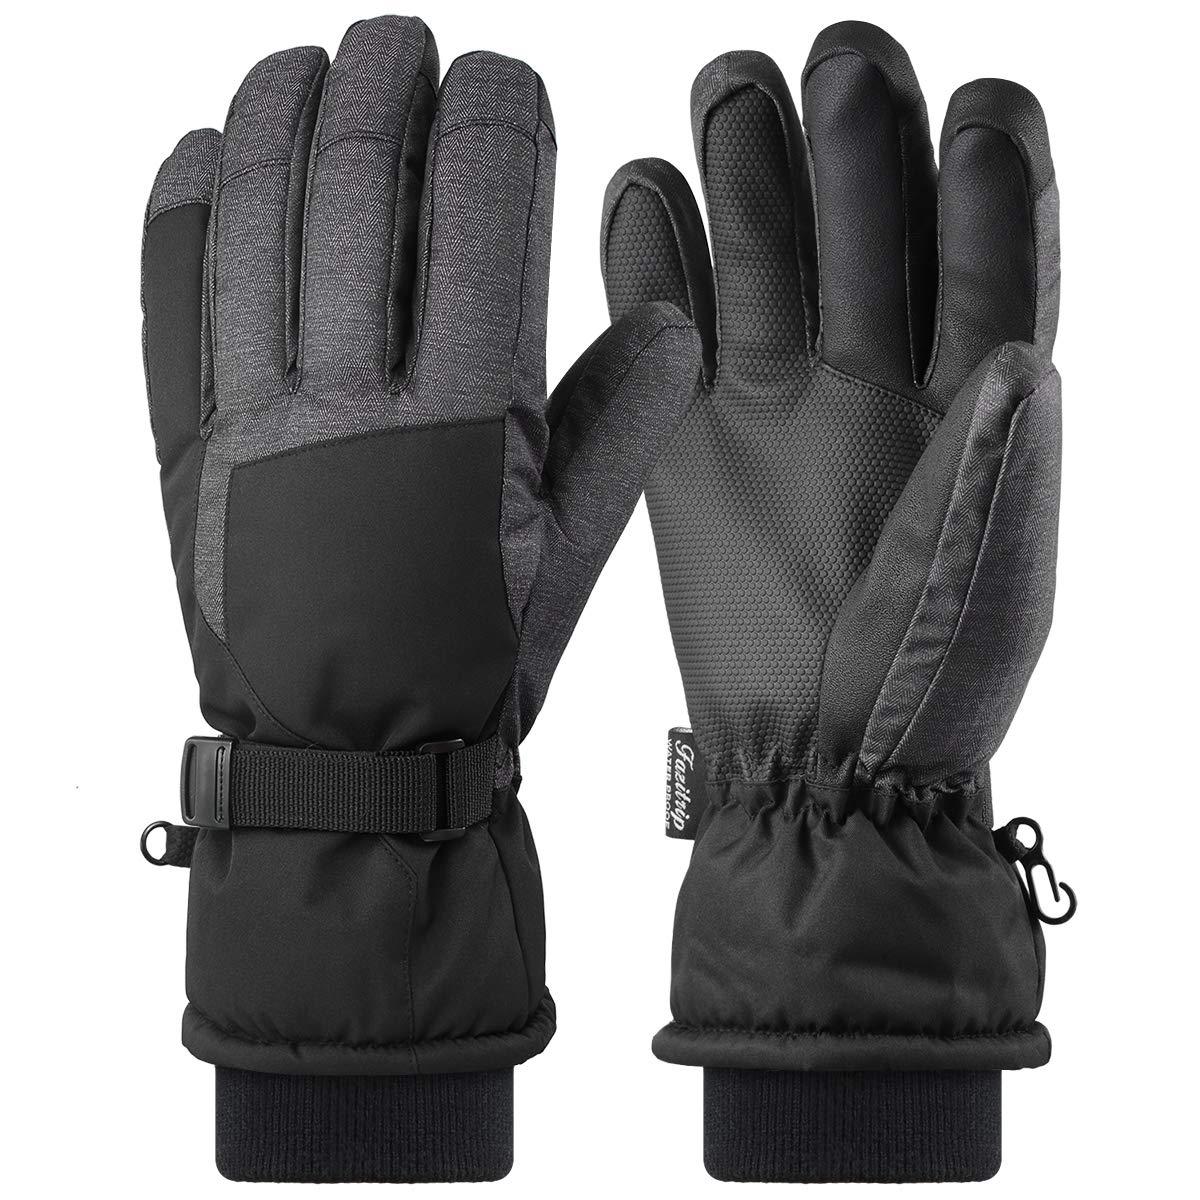 Fazitrip Herren 3M Thinsulate Wasserdichte und Winddichte Ski Handschuhe mit Touchscreen Fingers Winter Handschuhe